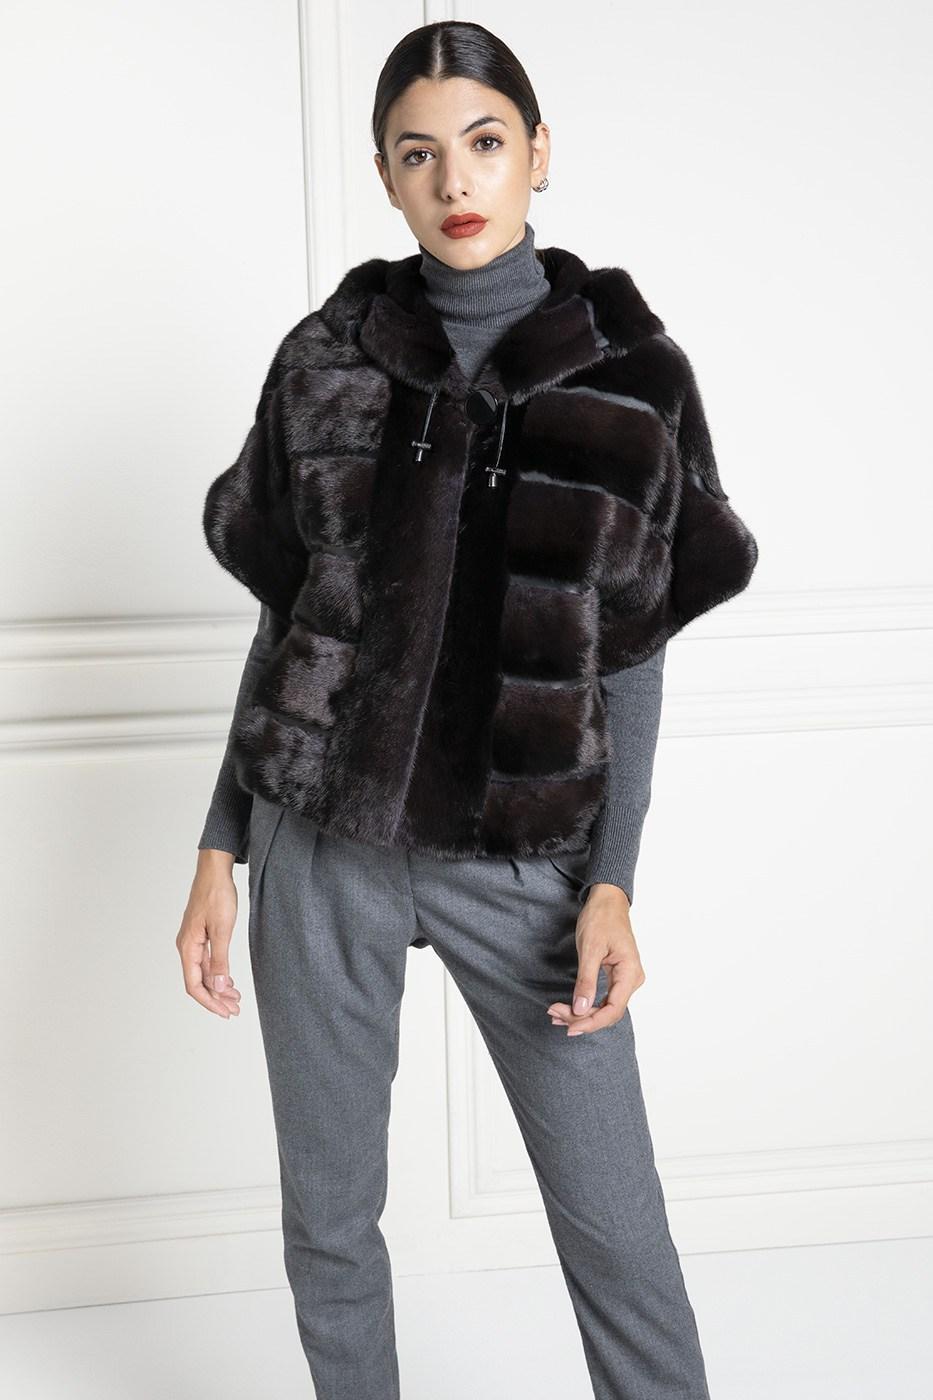 Mink Fur Jacket with Hoodie and 3/4 sleeves - Length 65 cm